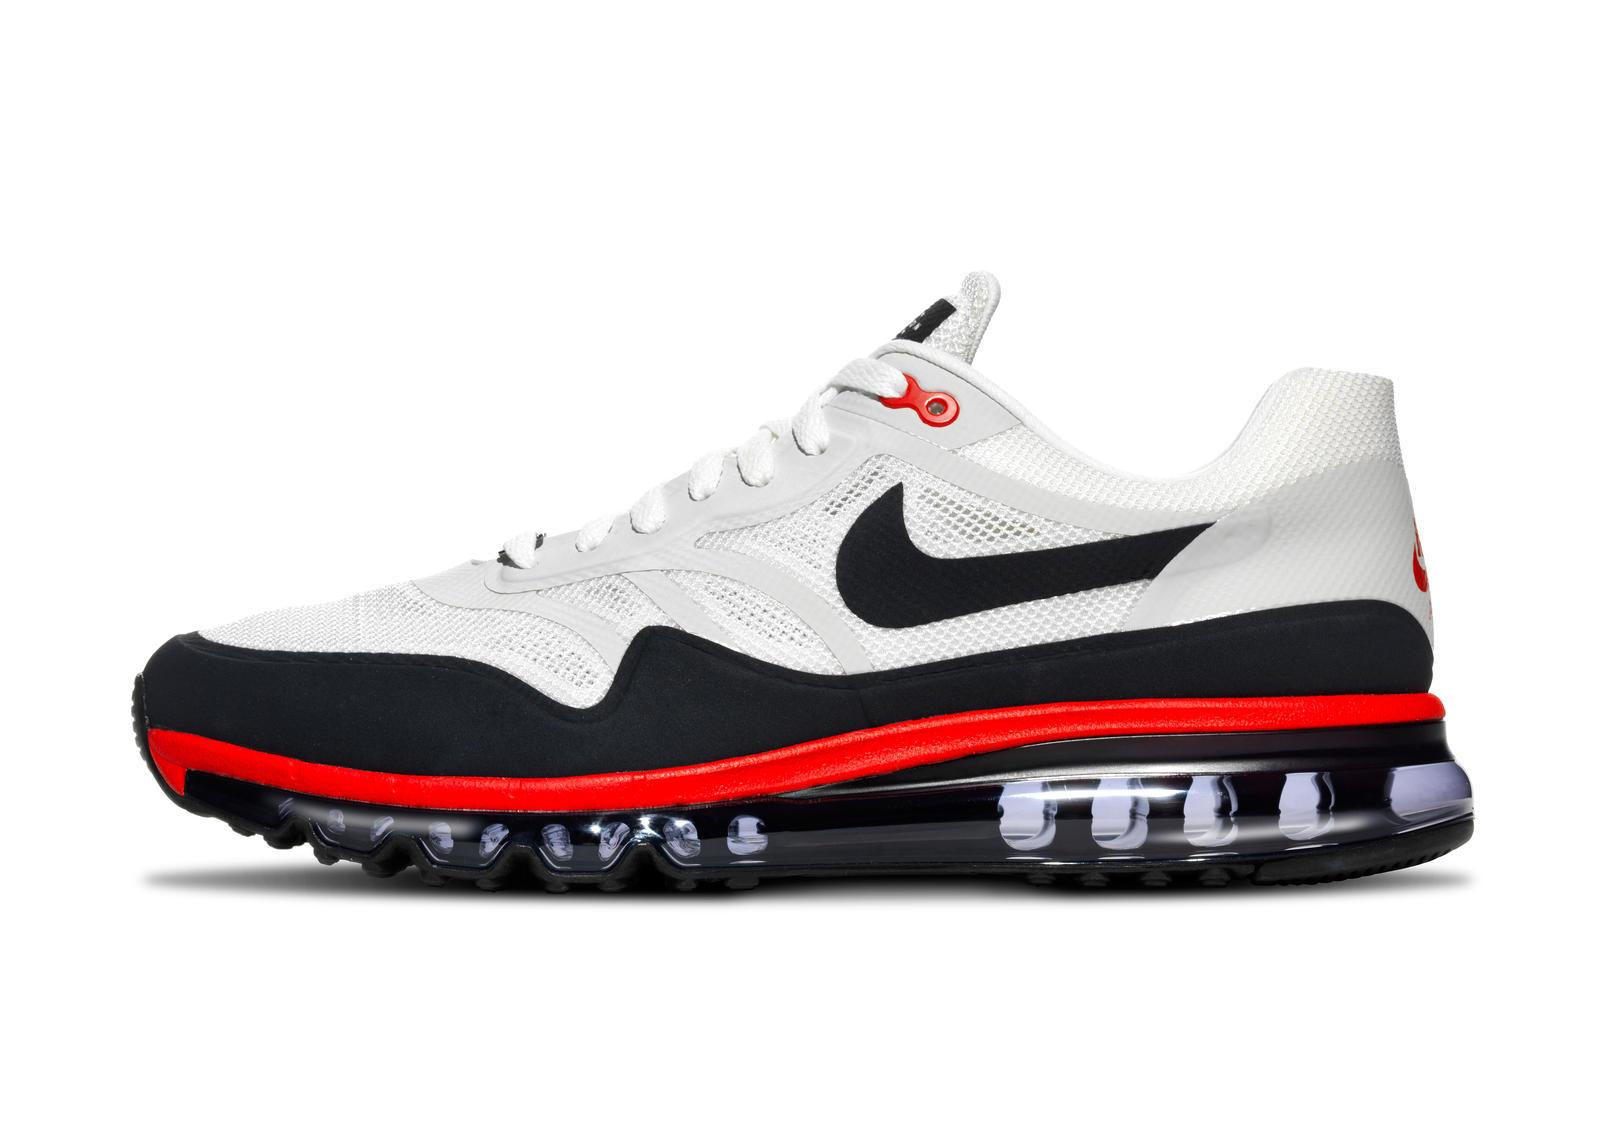 Nike Air Max Tavas Iconic